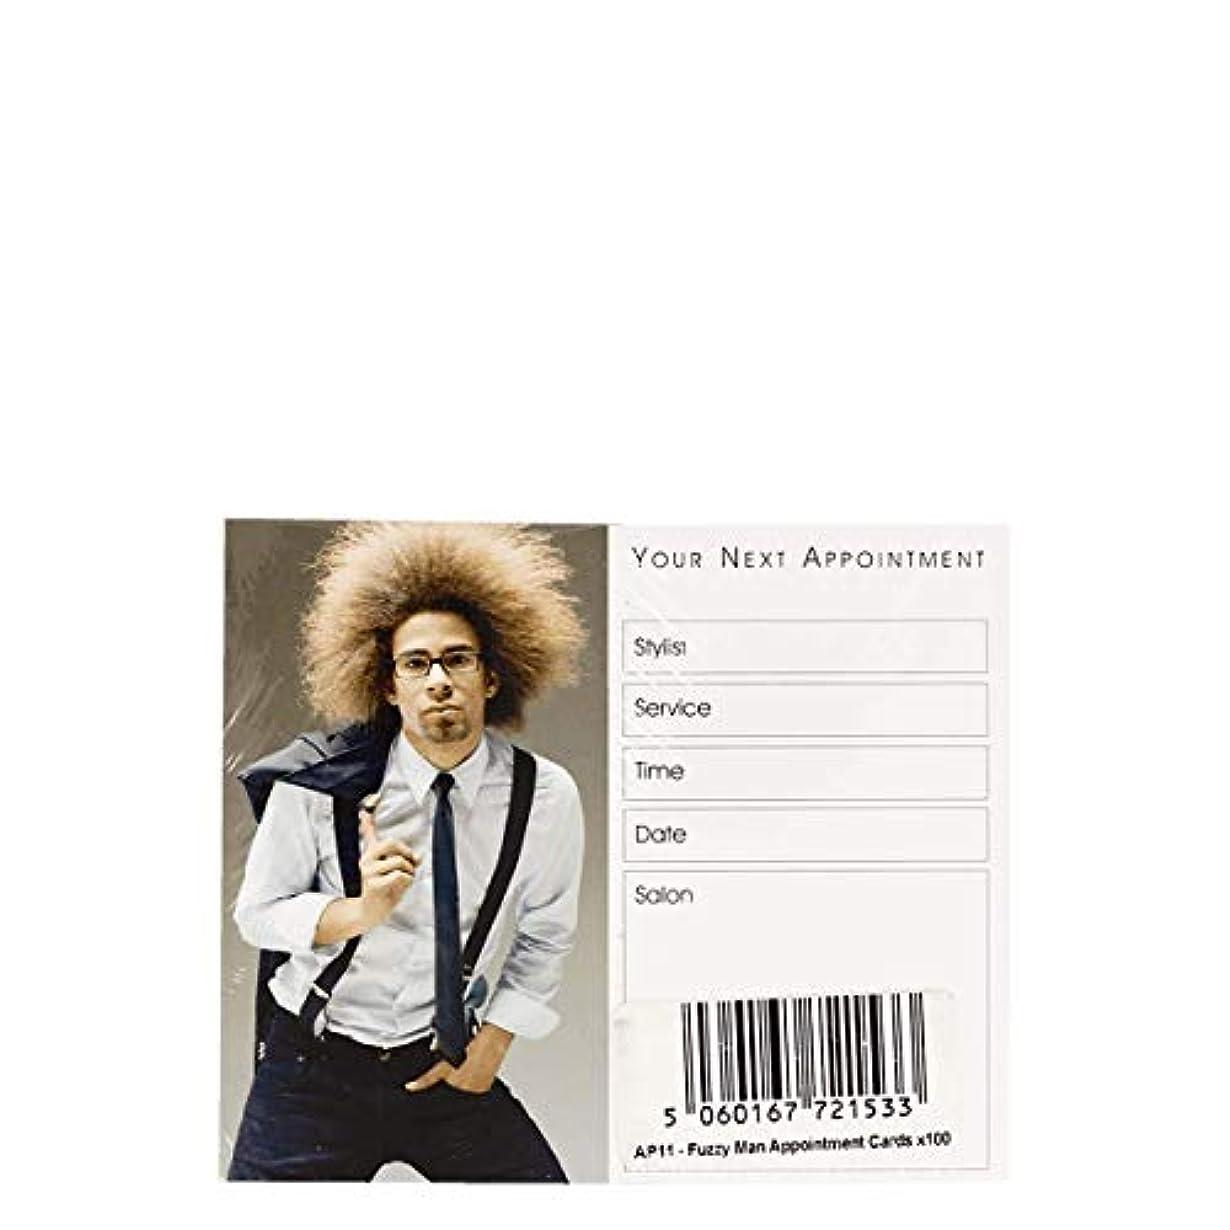 赤引き受けるアパルアポイントメントカード Appointment Cards- AP11 FUZZY MAN CARDS x100[海外直送品] [並行輸入品]